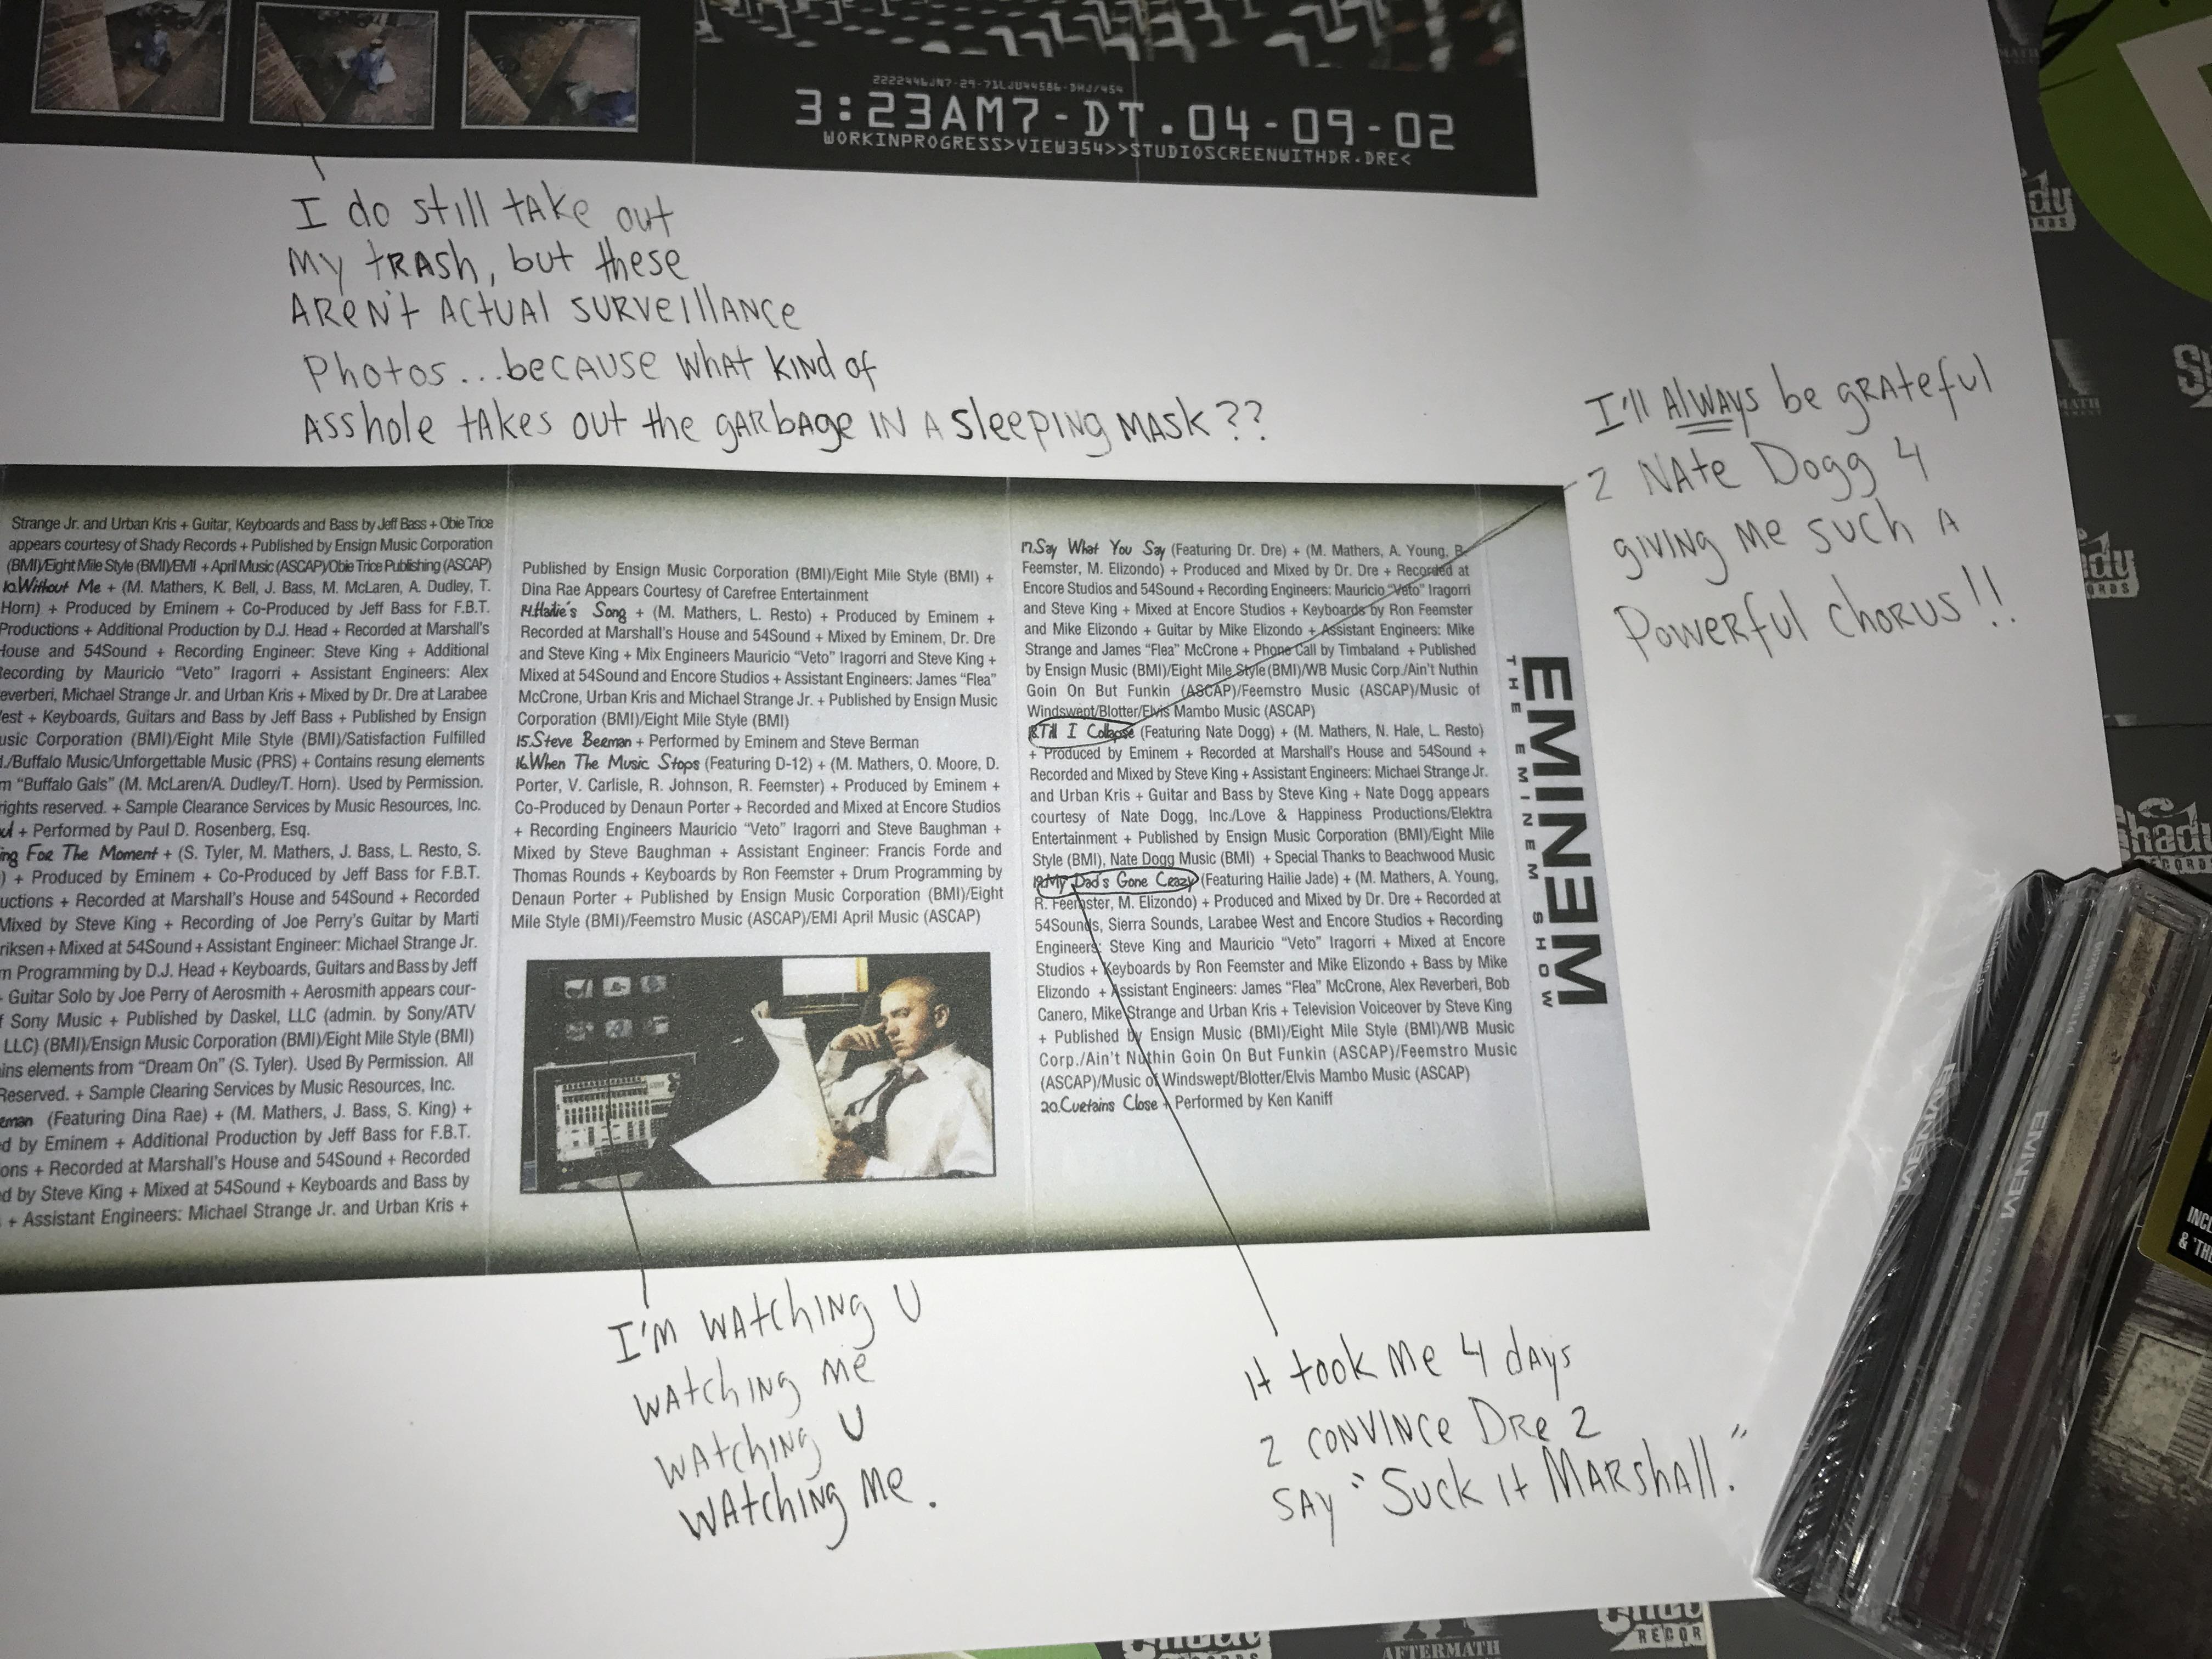 31 мая Eminem выпустил специальный мерчендайз к 15-летней годовщине своего альбома «The Eminem Show». В редакцию «Eminem.Pro» пришёл один из бандлов. Давайте распаковывать юбилейную капсулу от Эма